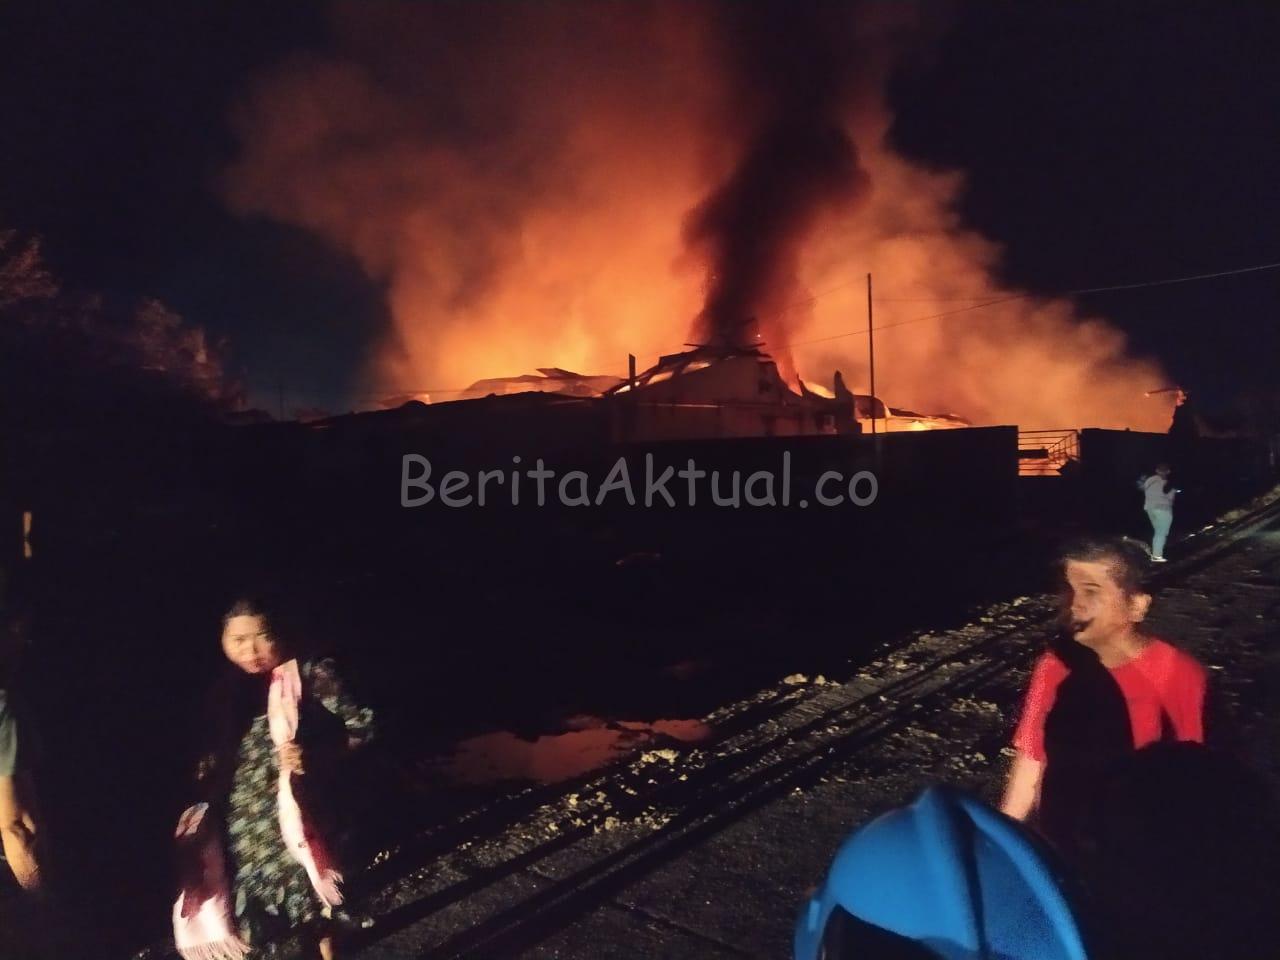 Pabrik Kasur di Kota Sorong Hangus Terbakar, Butuh 3 Jam Api Baru Bisa Dipadamkan 15 IMG 20200615 WA0003